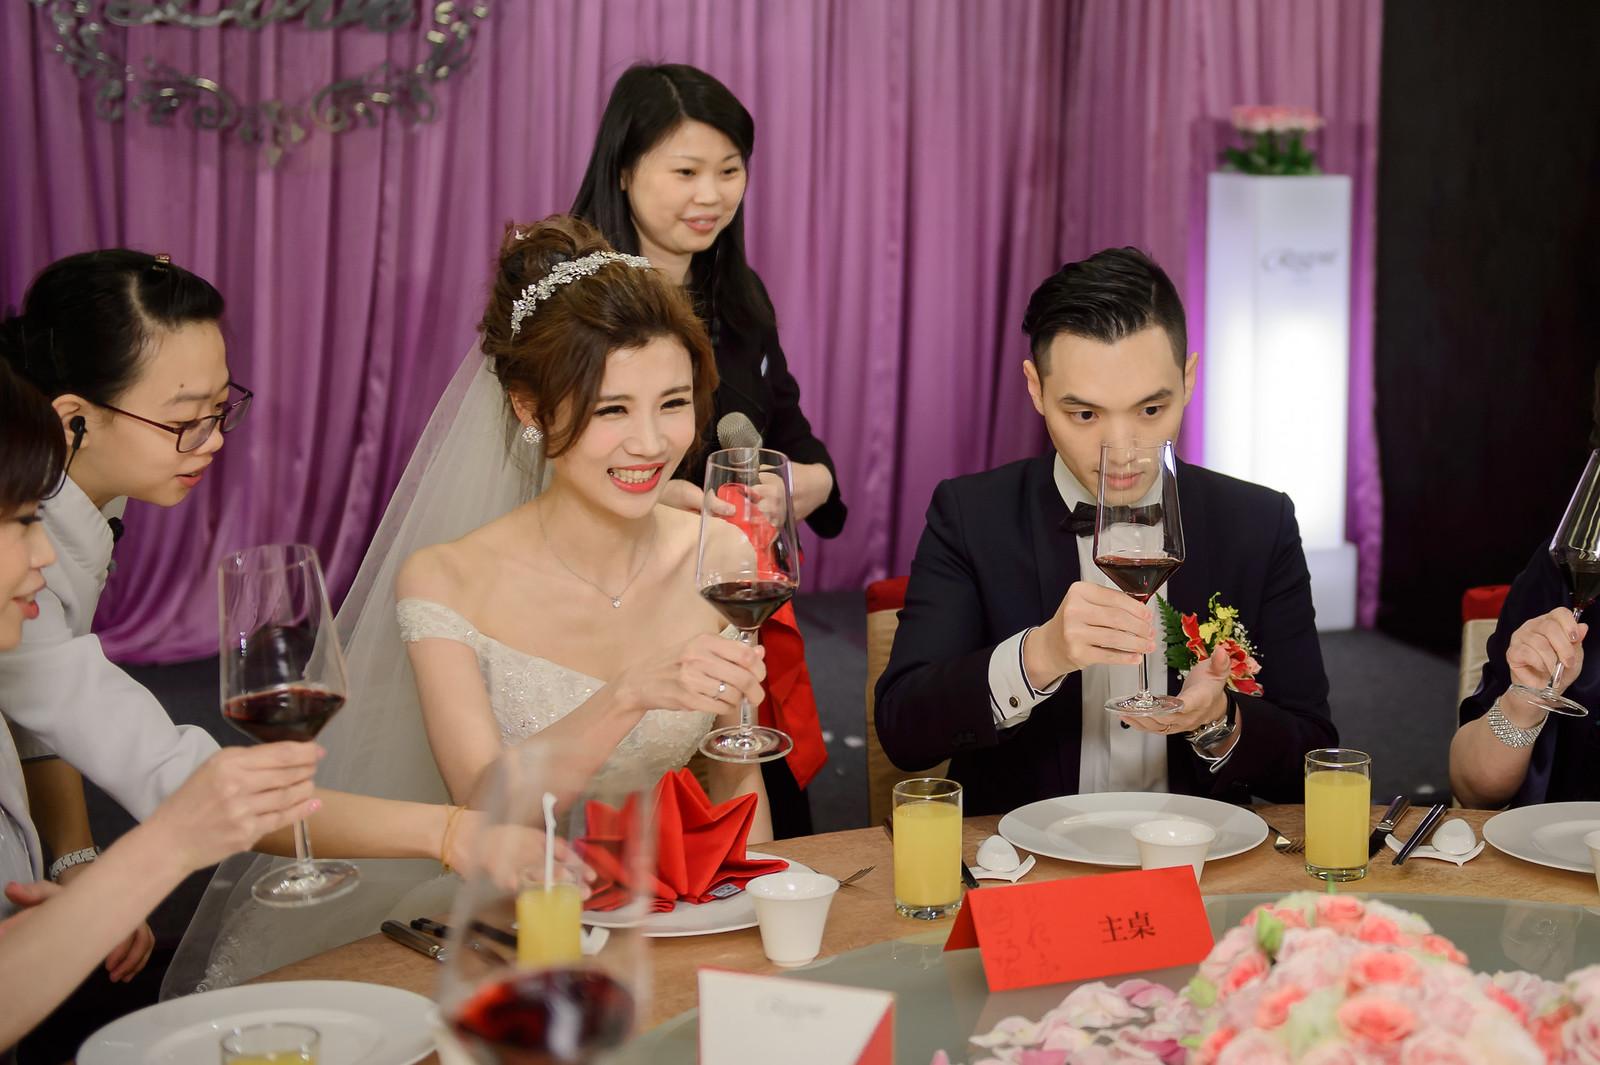 台北婚攝, 婚禮攝影, 婚攝, 婚攝守恆, 婚攝推薦, 晶華酒店, 晶華酒店婚宴, 晶華酒店婚攝-81